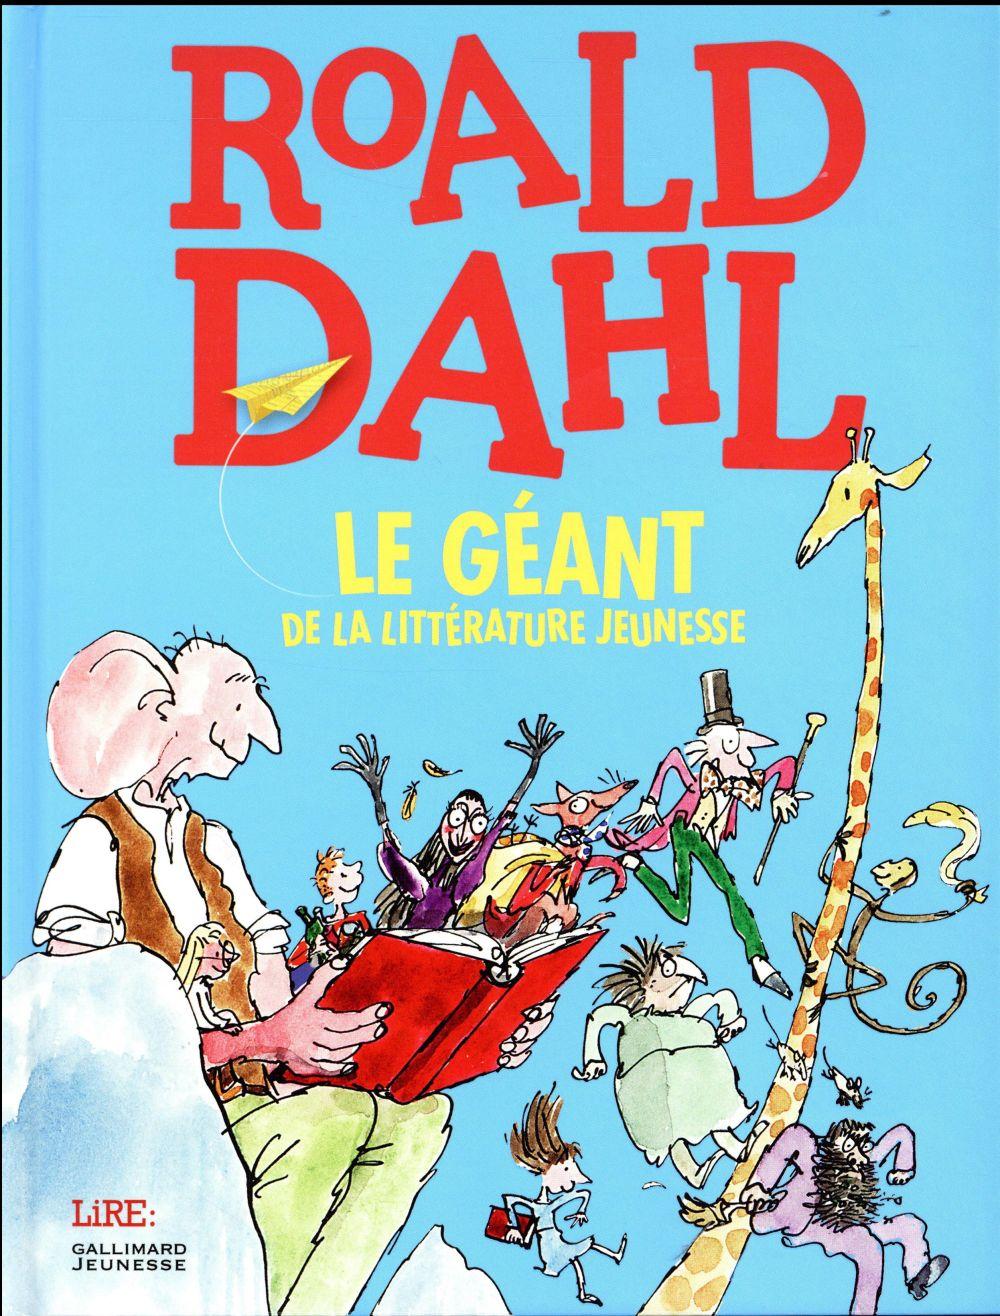 ROALD DAHL, LE GEANT DE LA LIT